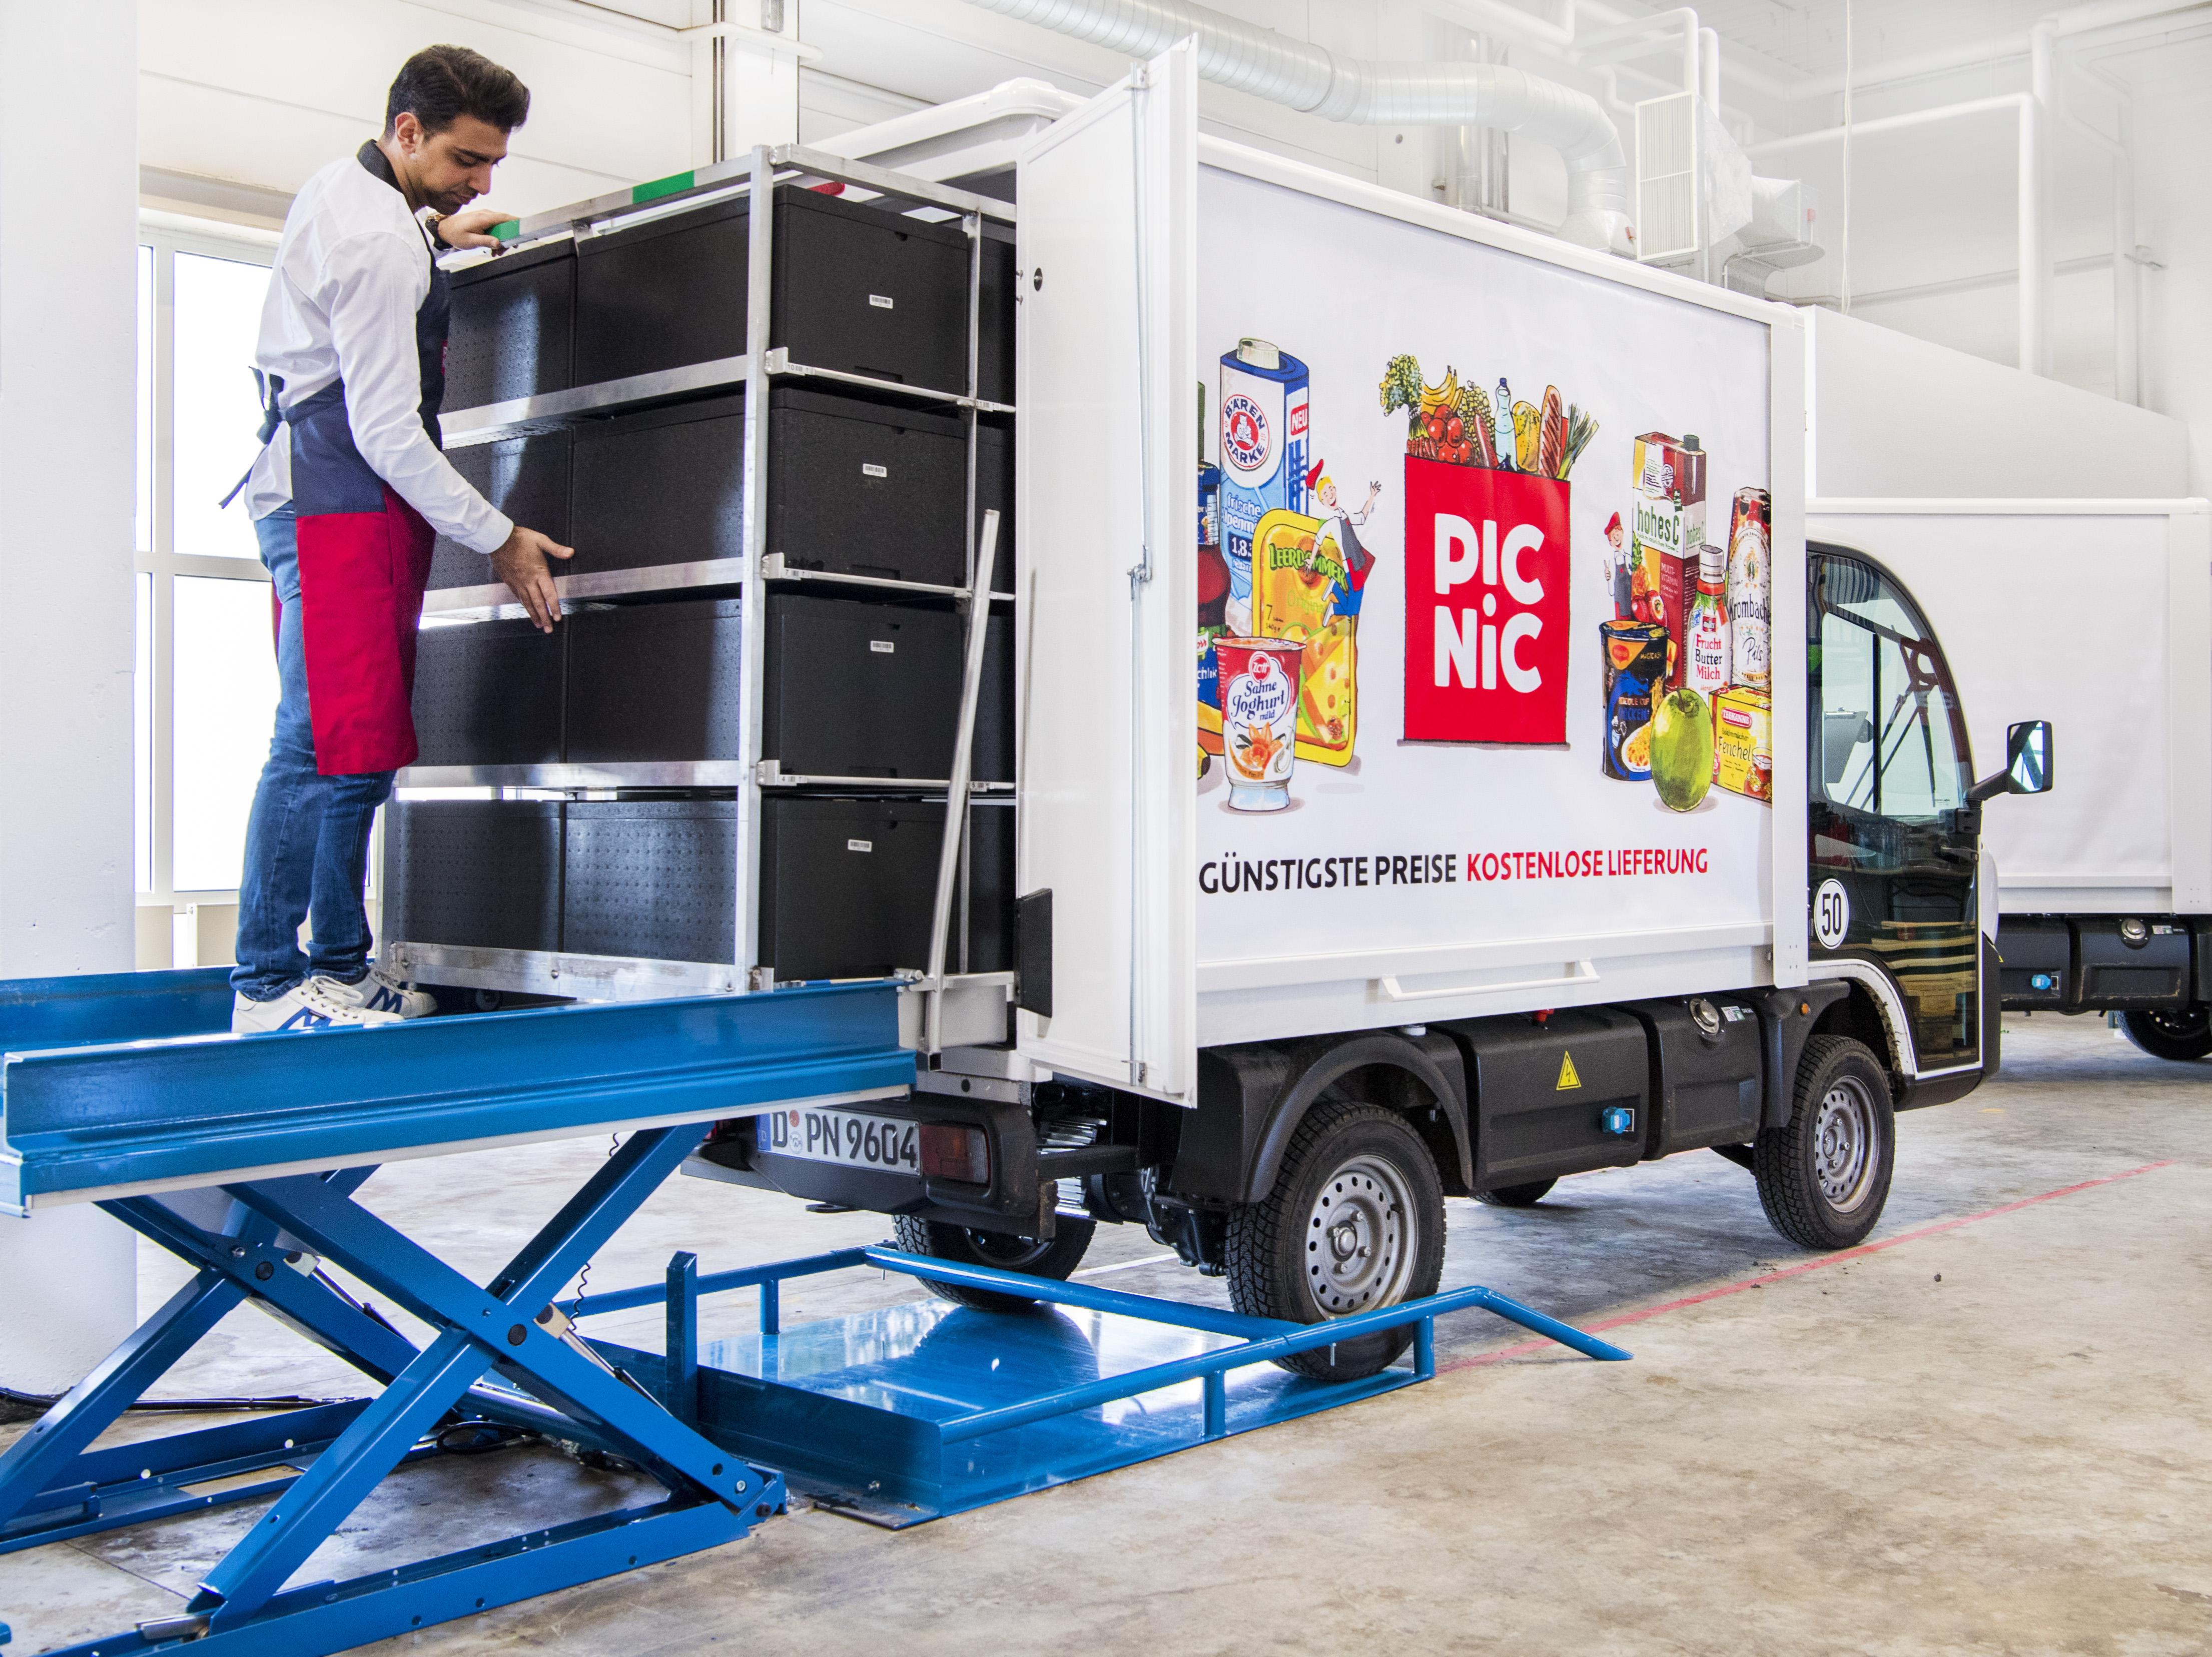 Das Bild zeigt das Einladen eines Picni-Trucks